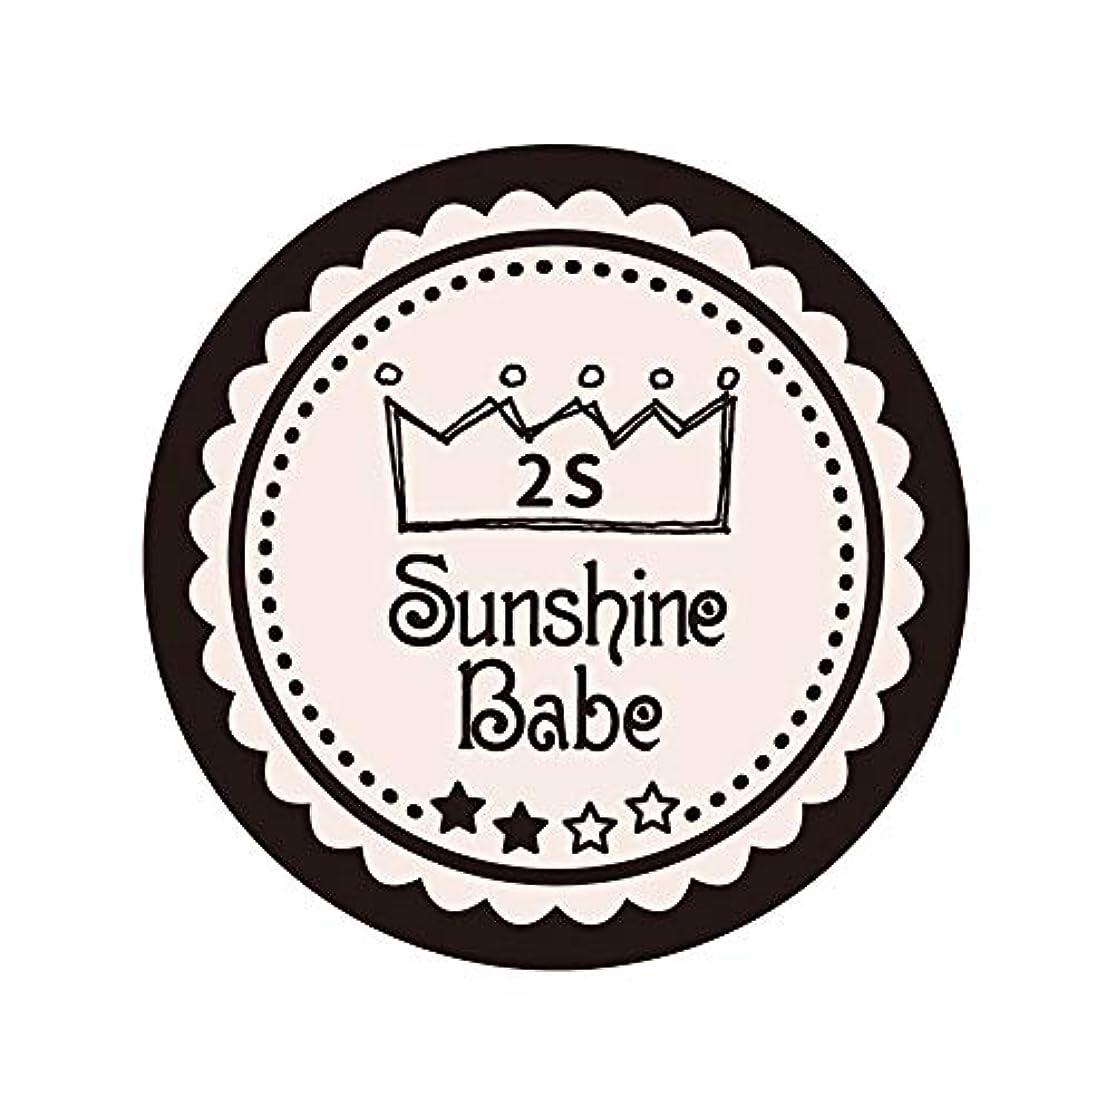 時バックアップ遺伝子Sunshine Babe カラージェル 2S オールモーストモーブ 2.7g UV/LED対応